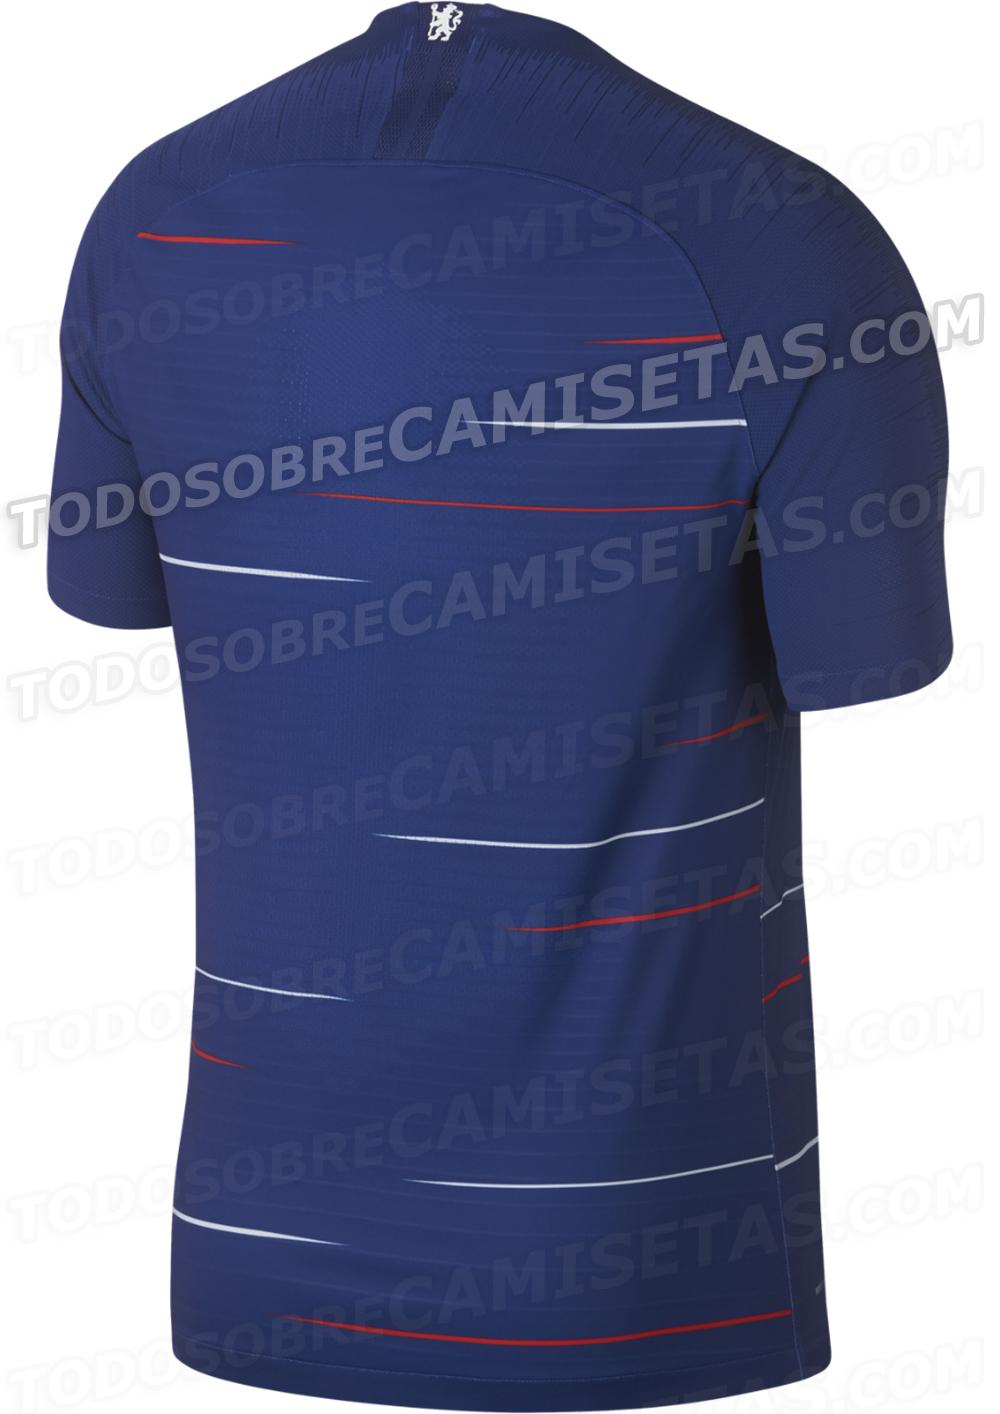 Site vaza suposta nova camisa do Chelsea com listras vermelhas e ... 411340b4ec5de